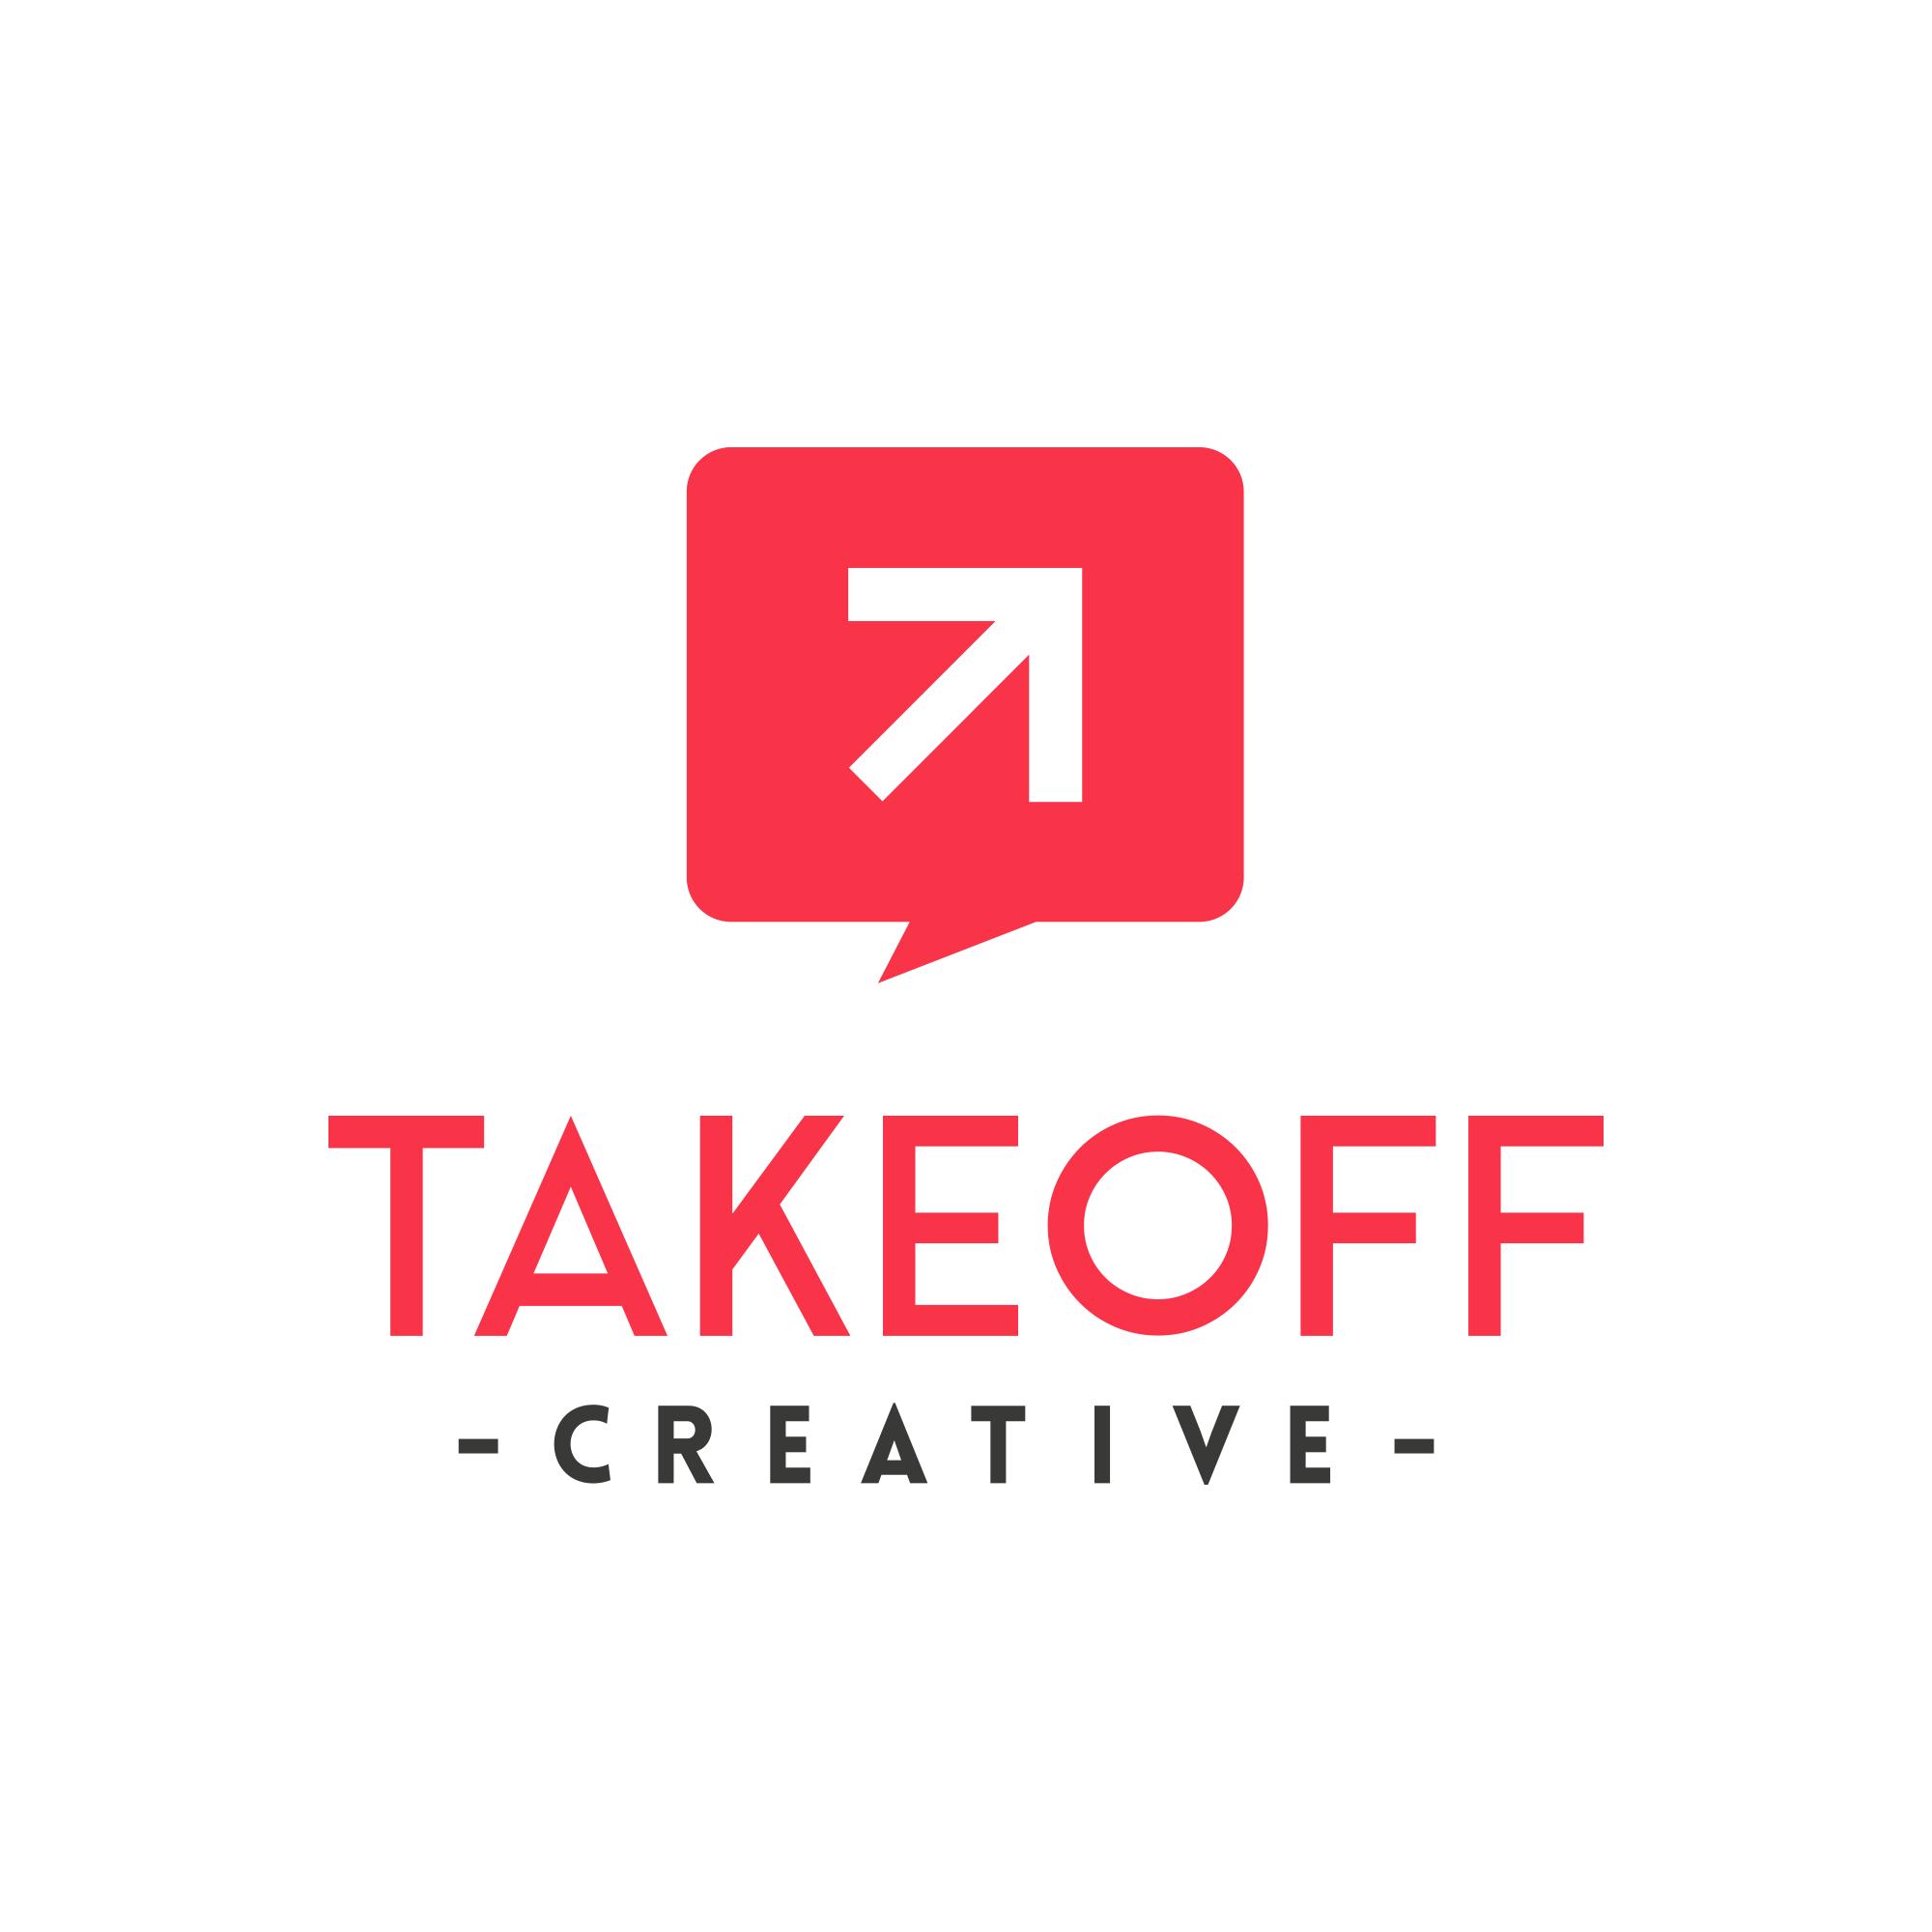 TAKEOFFcreative.com